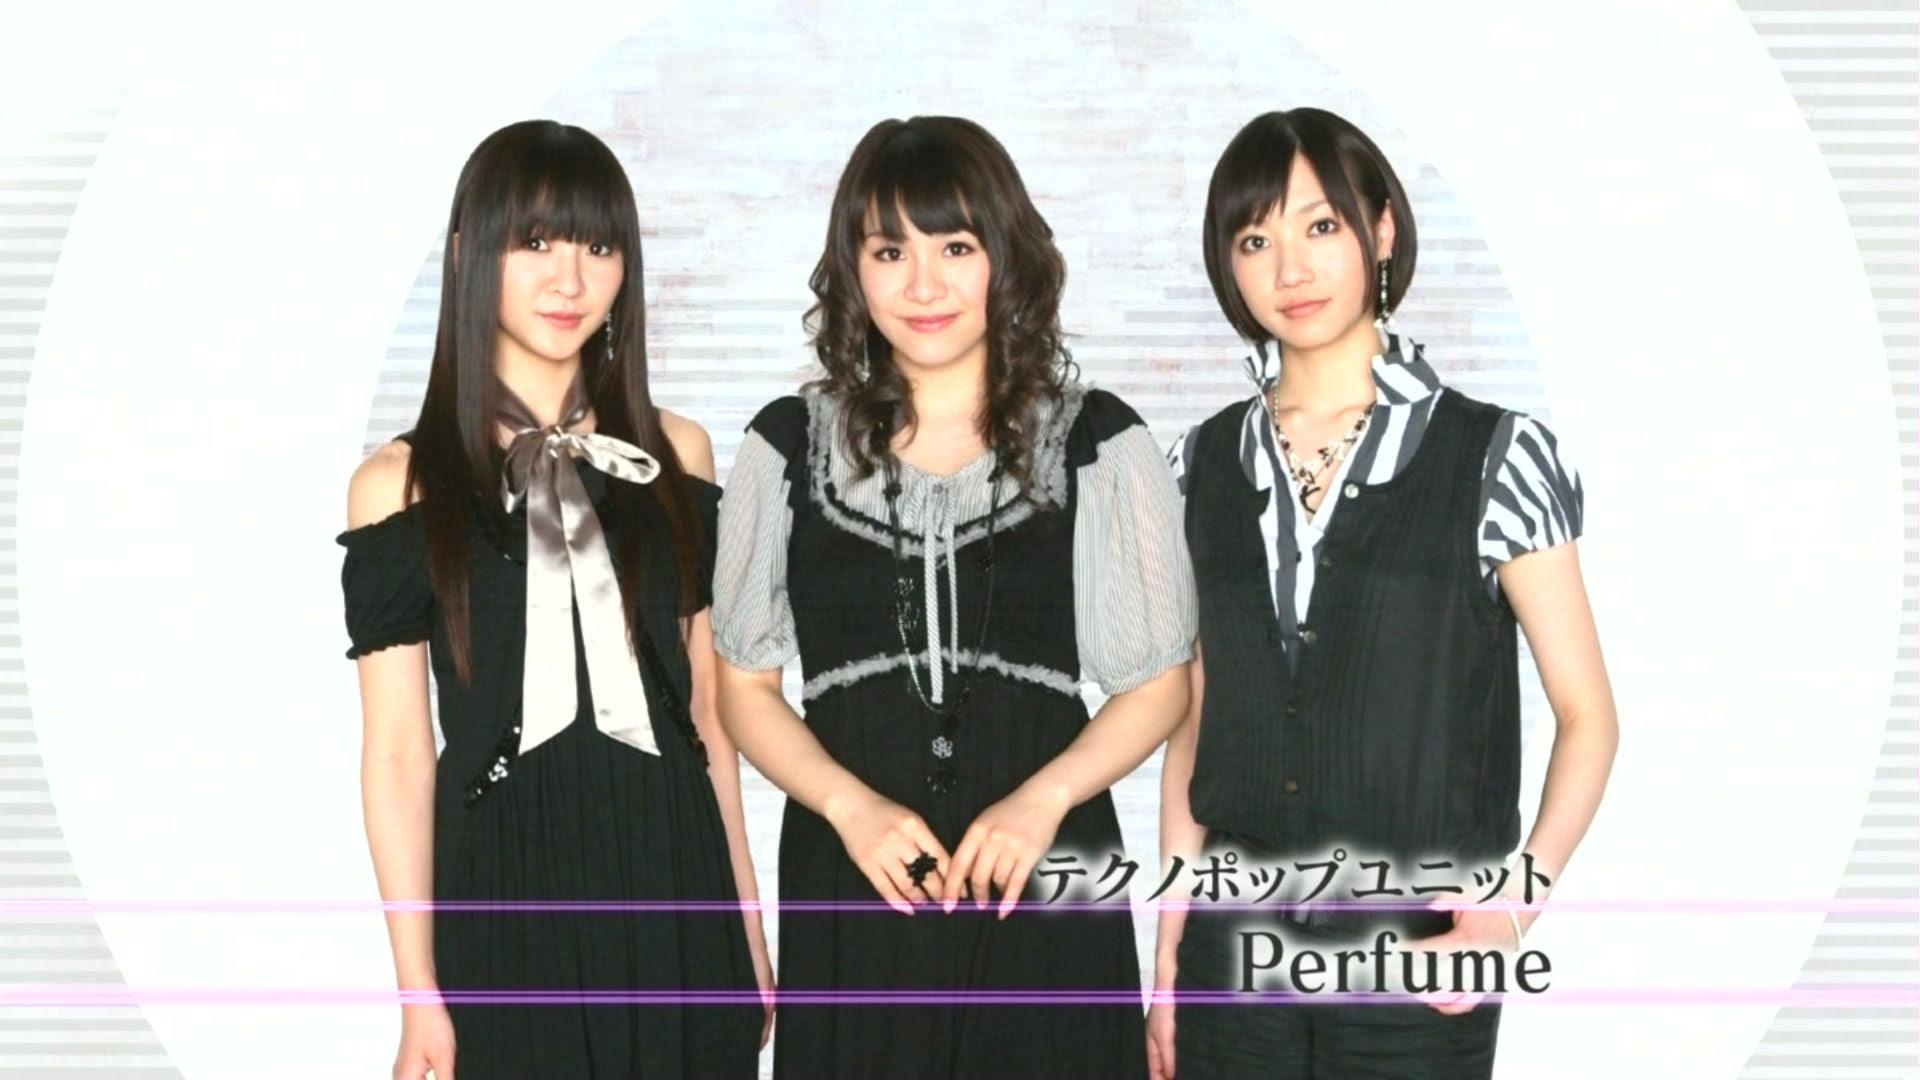 新しい Perfume 壁紙 19x1080 さかななみ